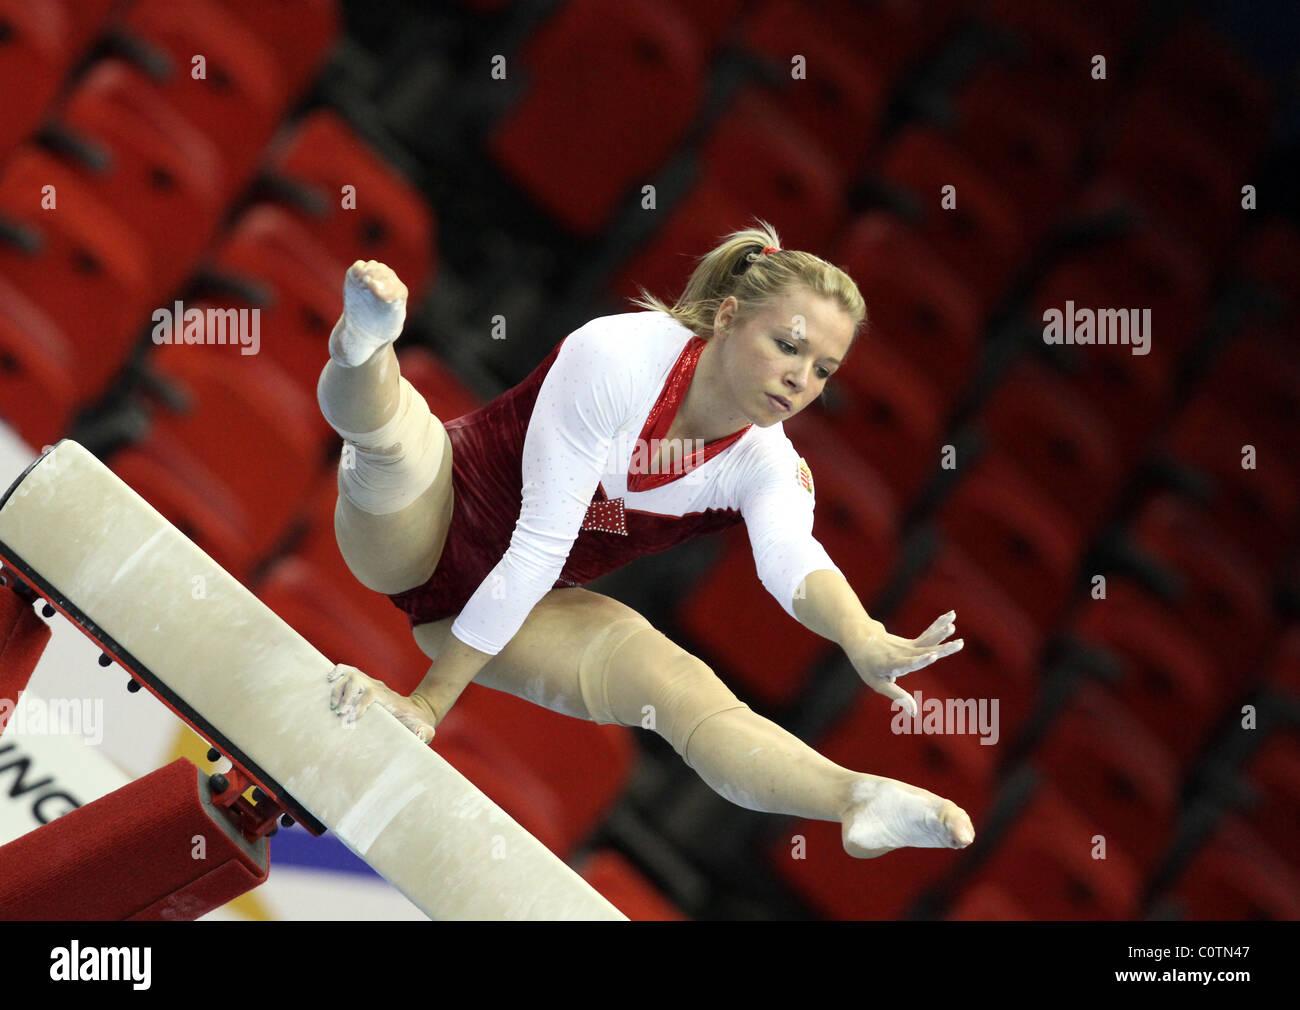 Gymnaste effectue un ATR à l'aide d'un bras sur le faisceau à un concours de gymnastique Photo Stock